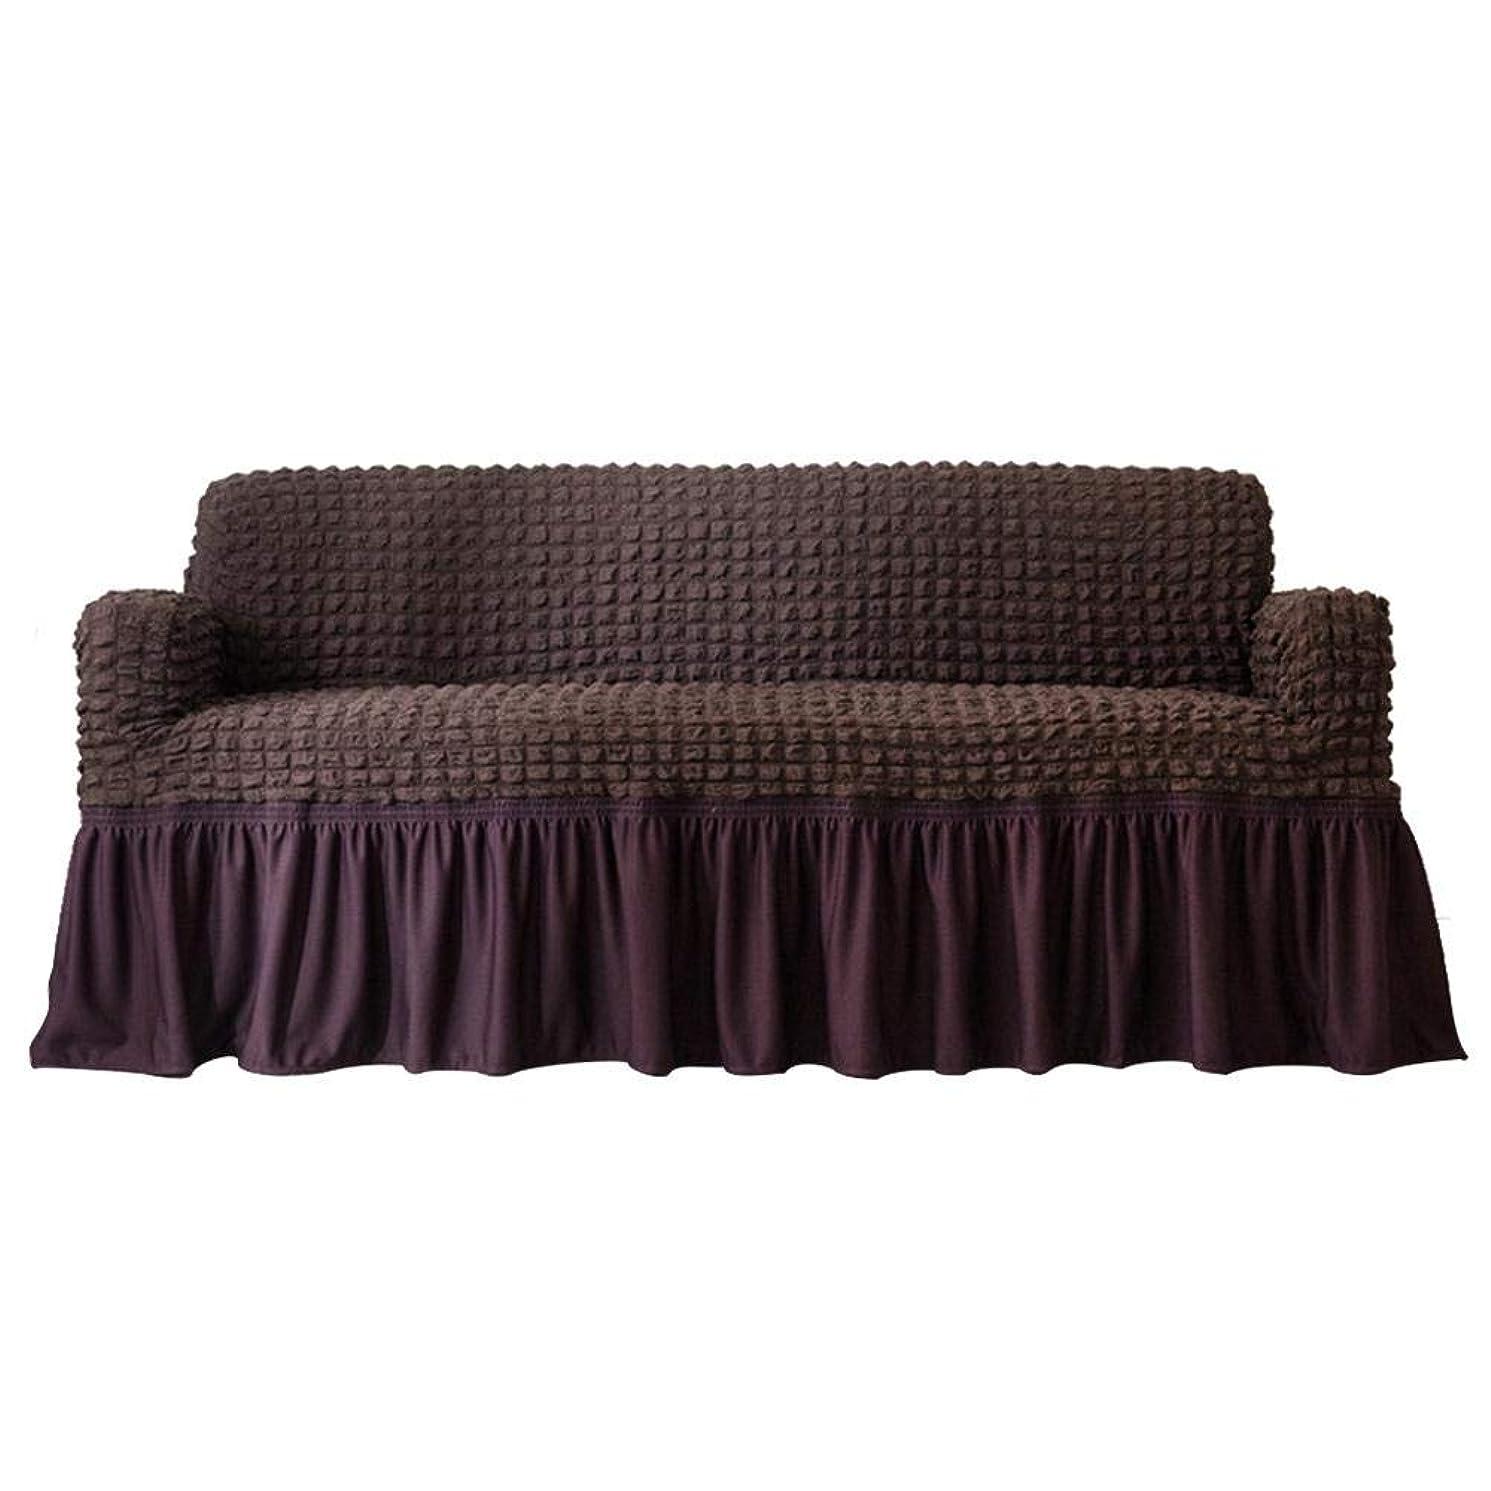 舌な真似るテーブルソファ用防水弾性防塵スリップカバーソファカバー家具プロテクタークッション(#2)